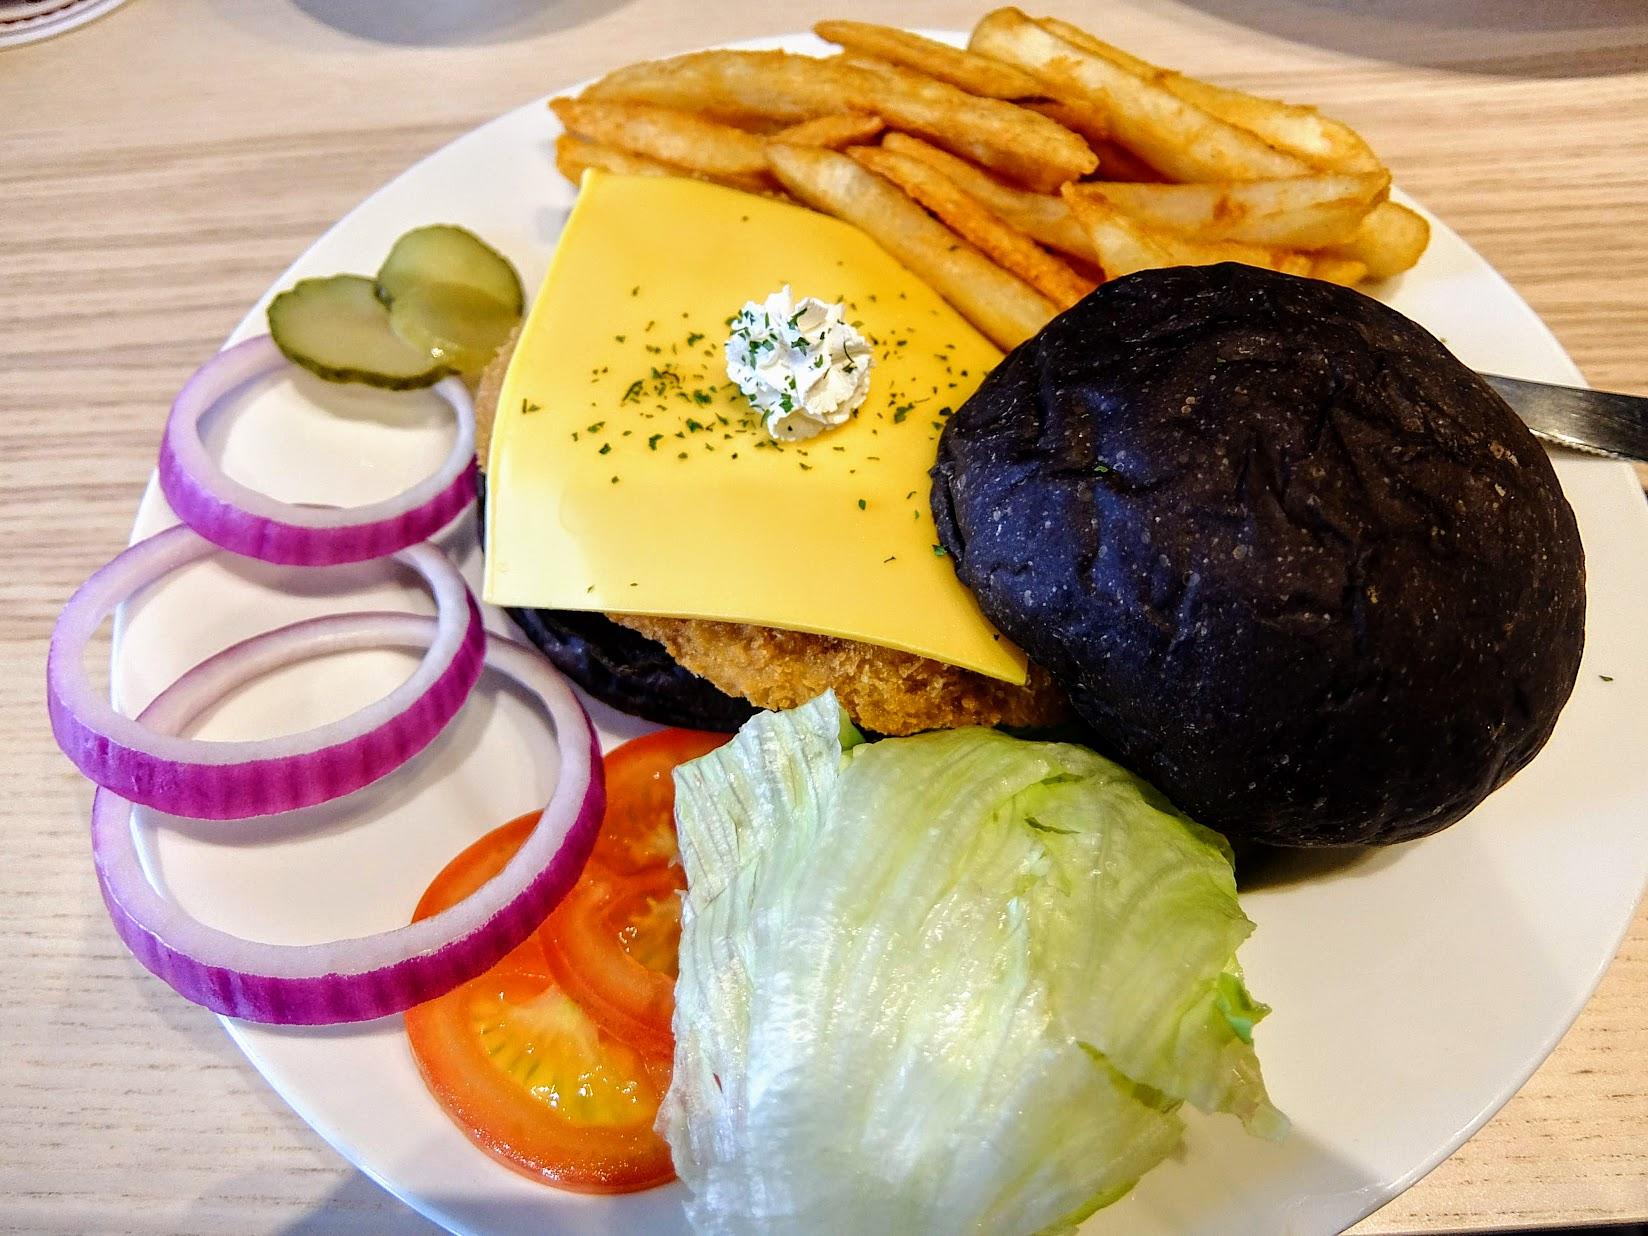 主餐! 我這次選擇黑麵包,就是巧克力麵包囉~旁邊的配菜都可以放在漢堡內使用